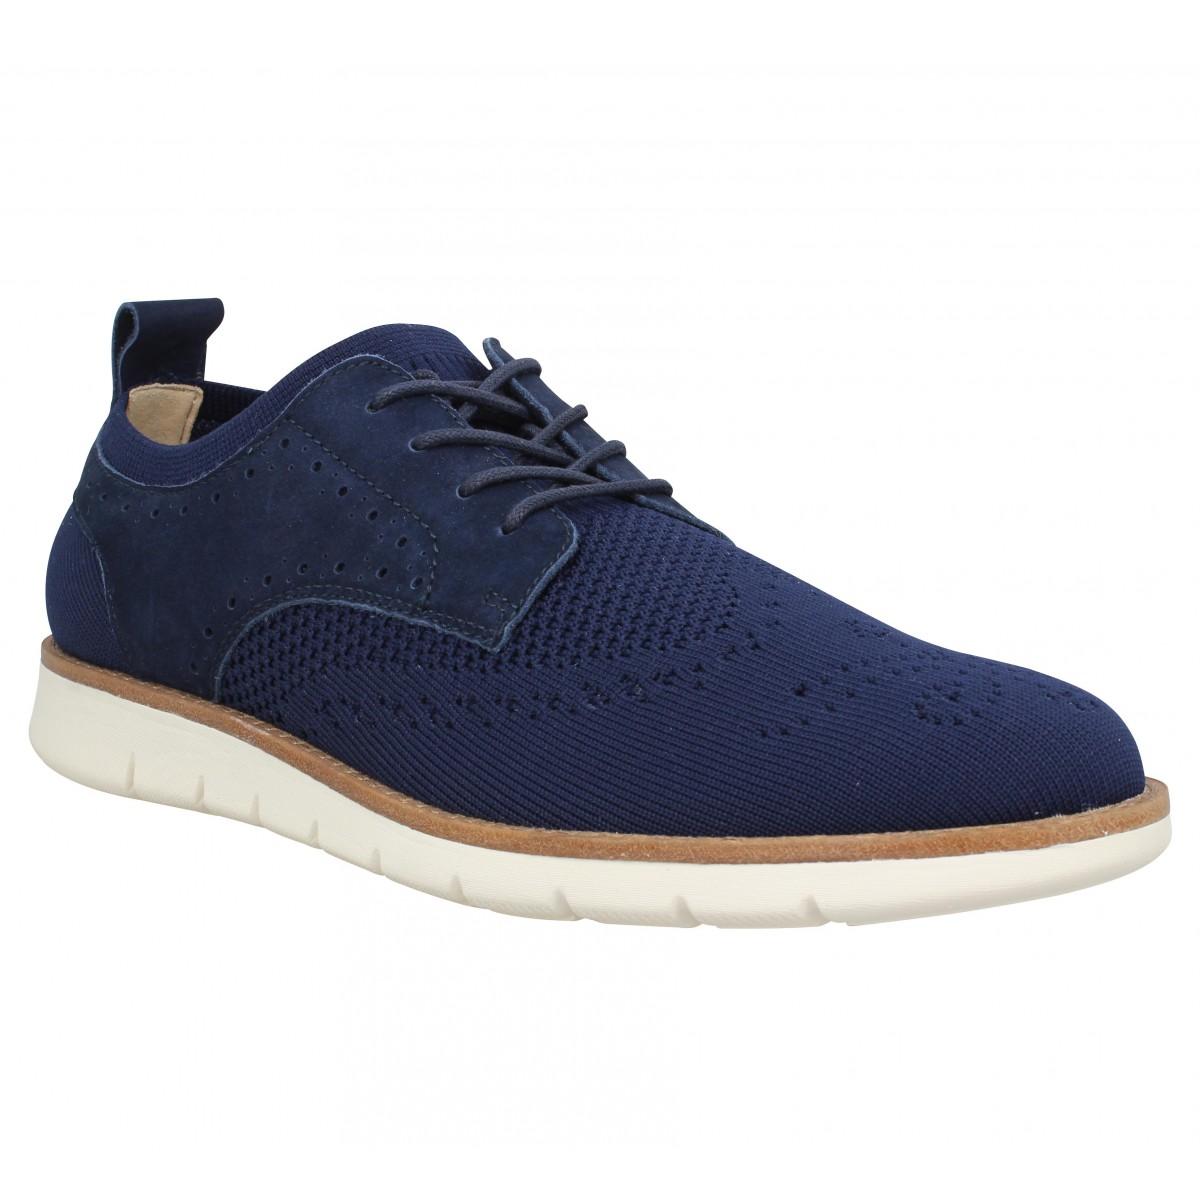 Chaussures à lacets SCHMOOVE Echo Derby textile Homme Marine